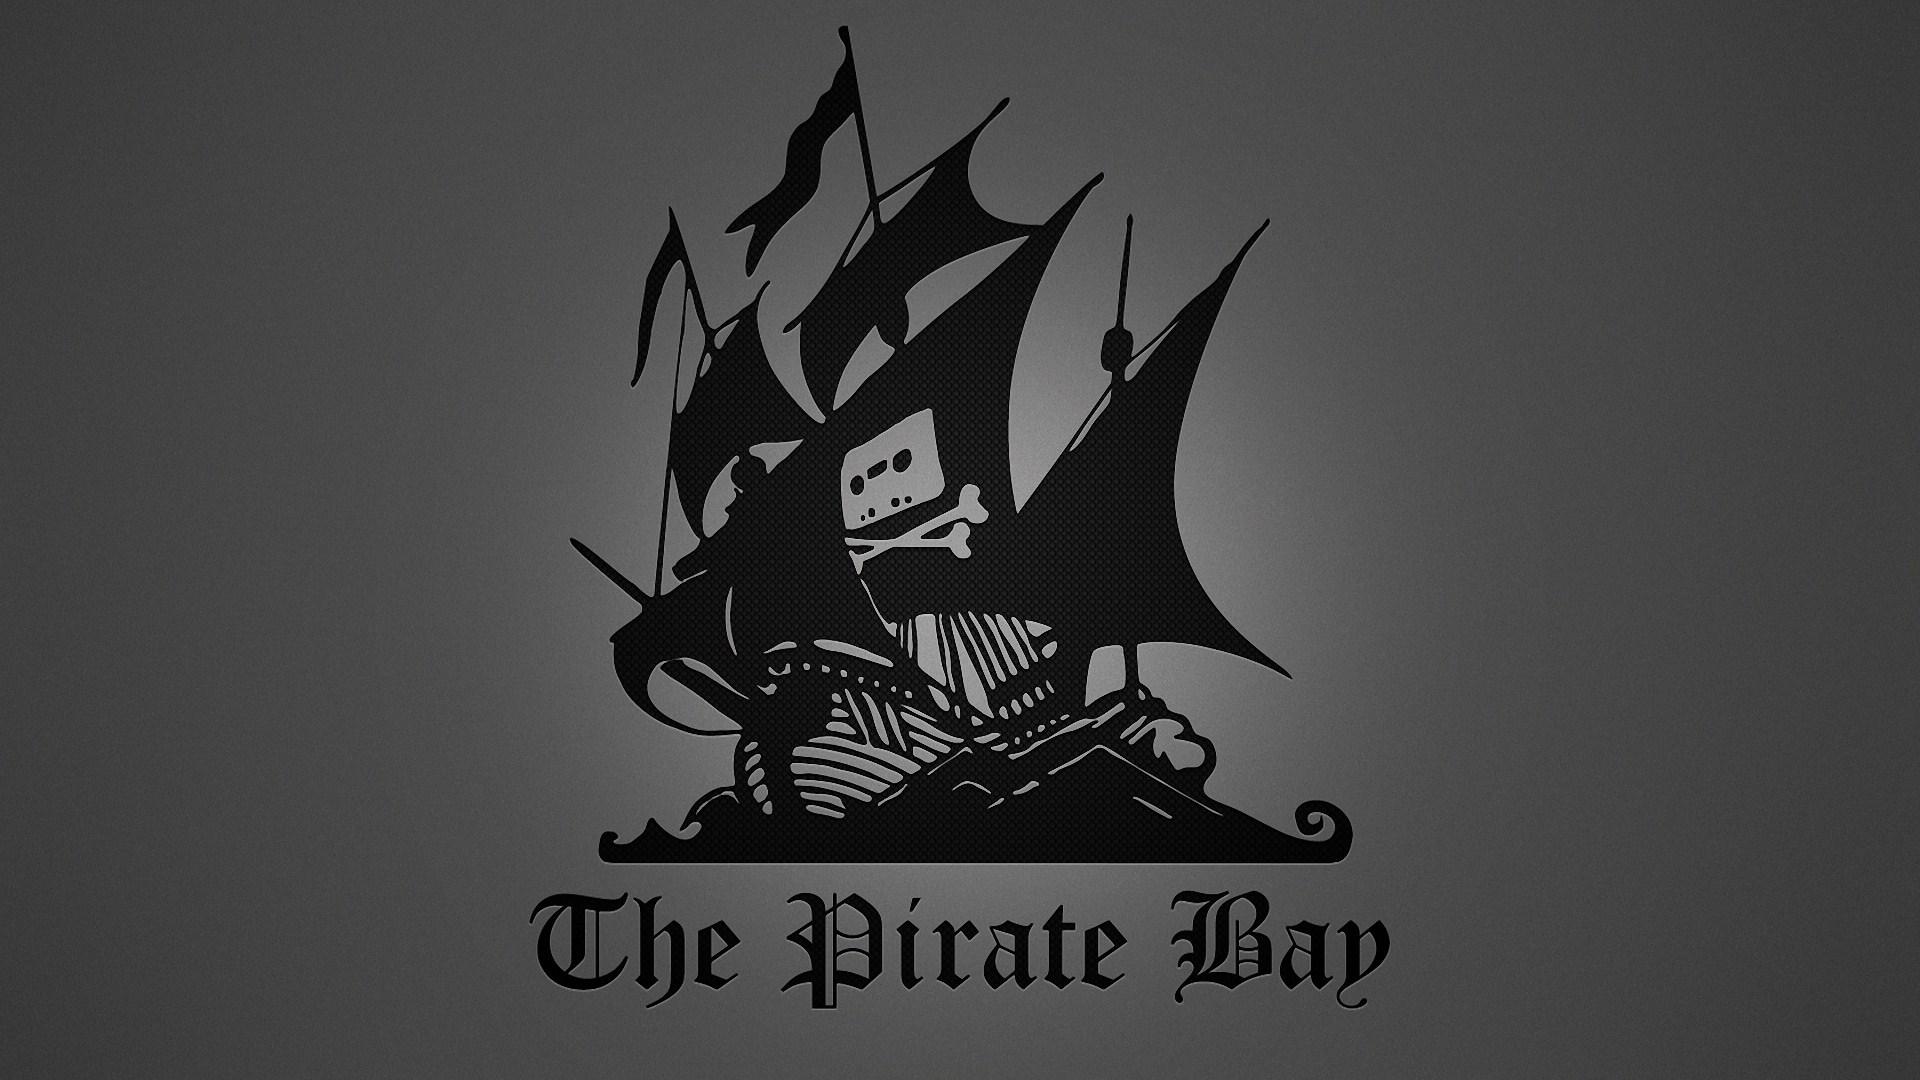 The Pirate Bay desplaza a los cyberlockers como el sitio más visitado